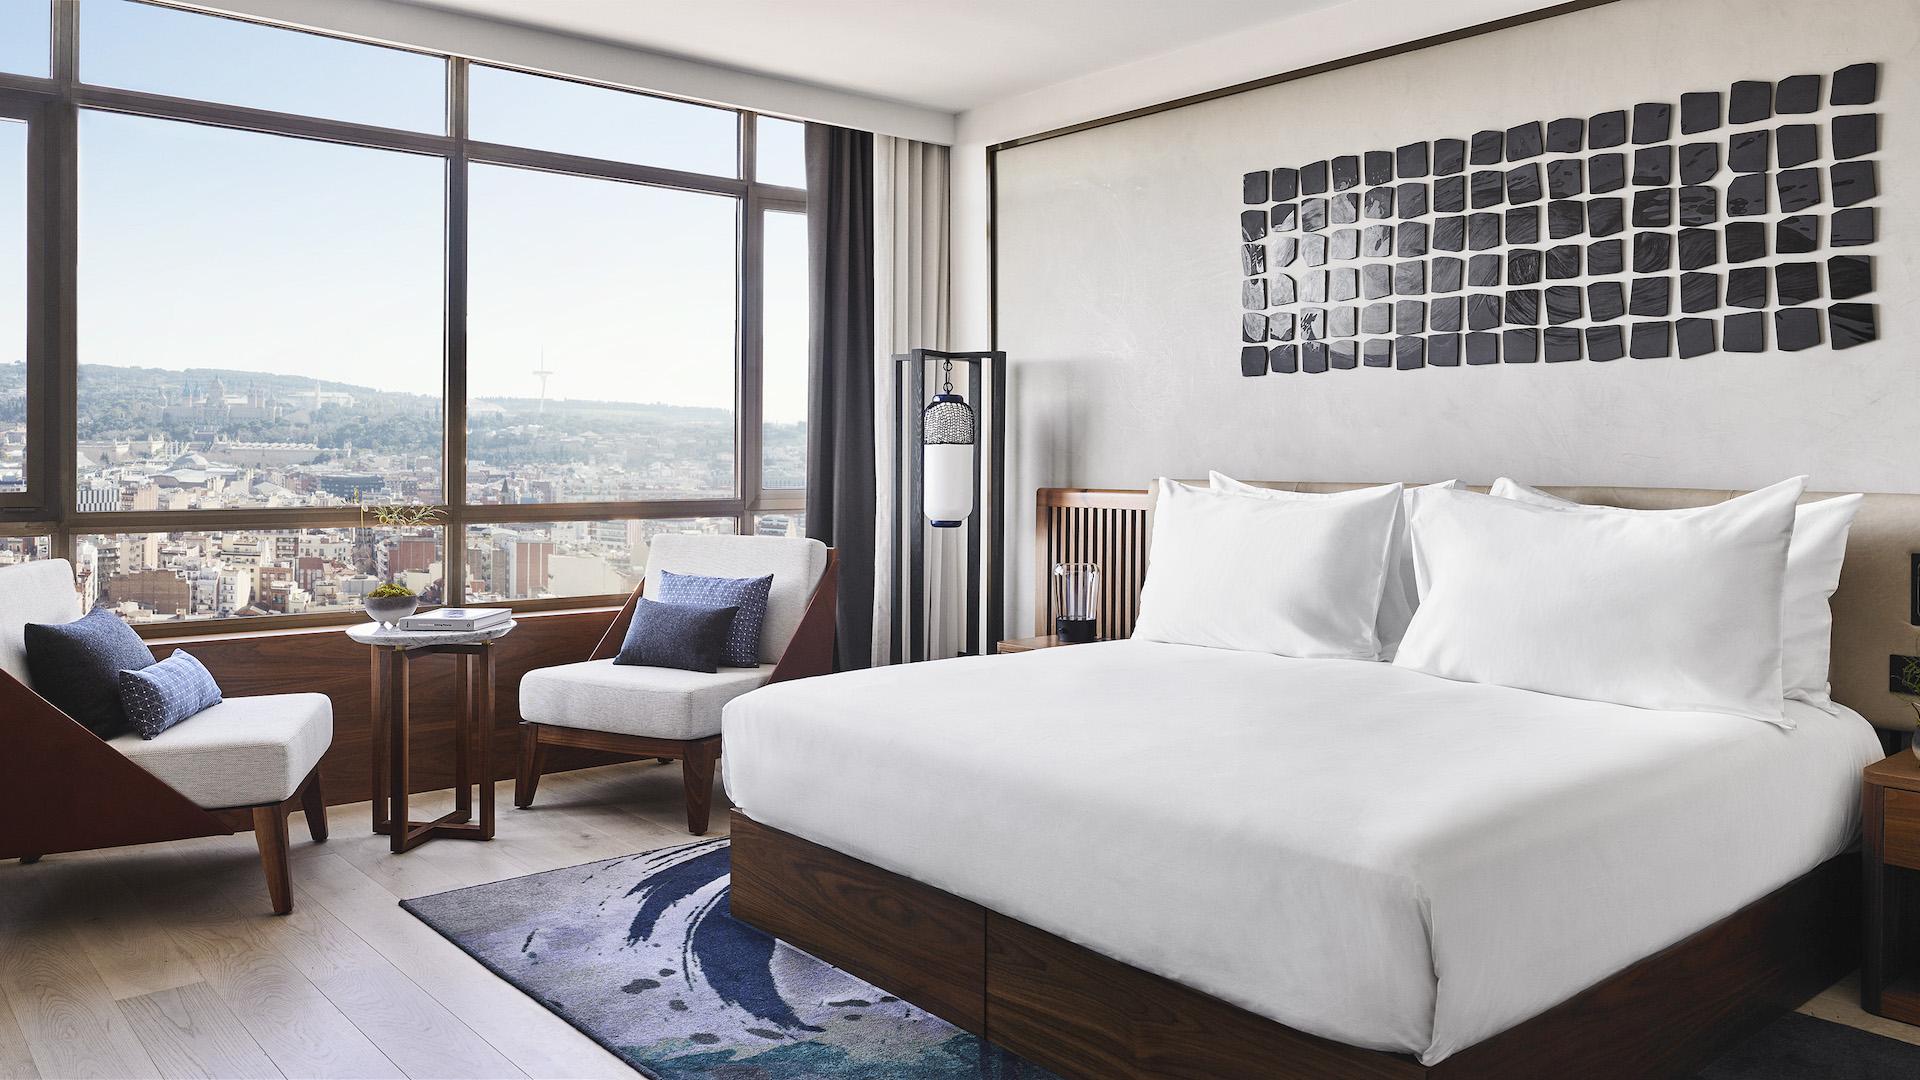 Abrió el exclusivo Nobu Hotel en Barcelona, con el sello de Robert de Niro